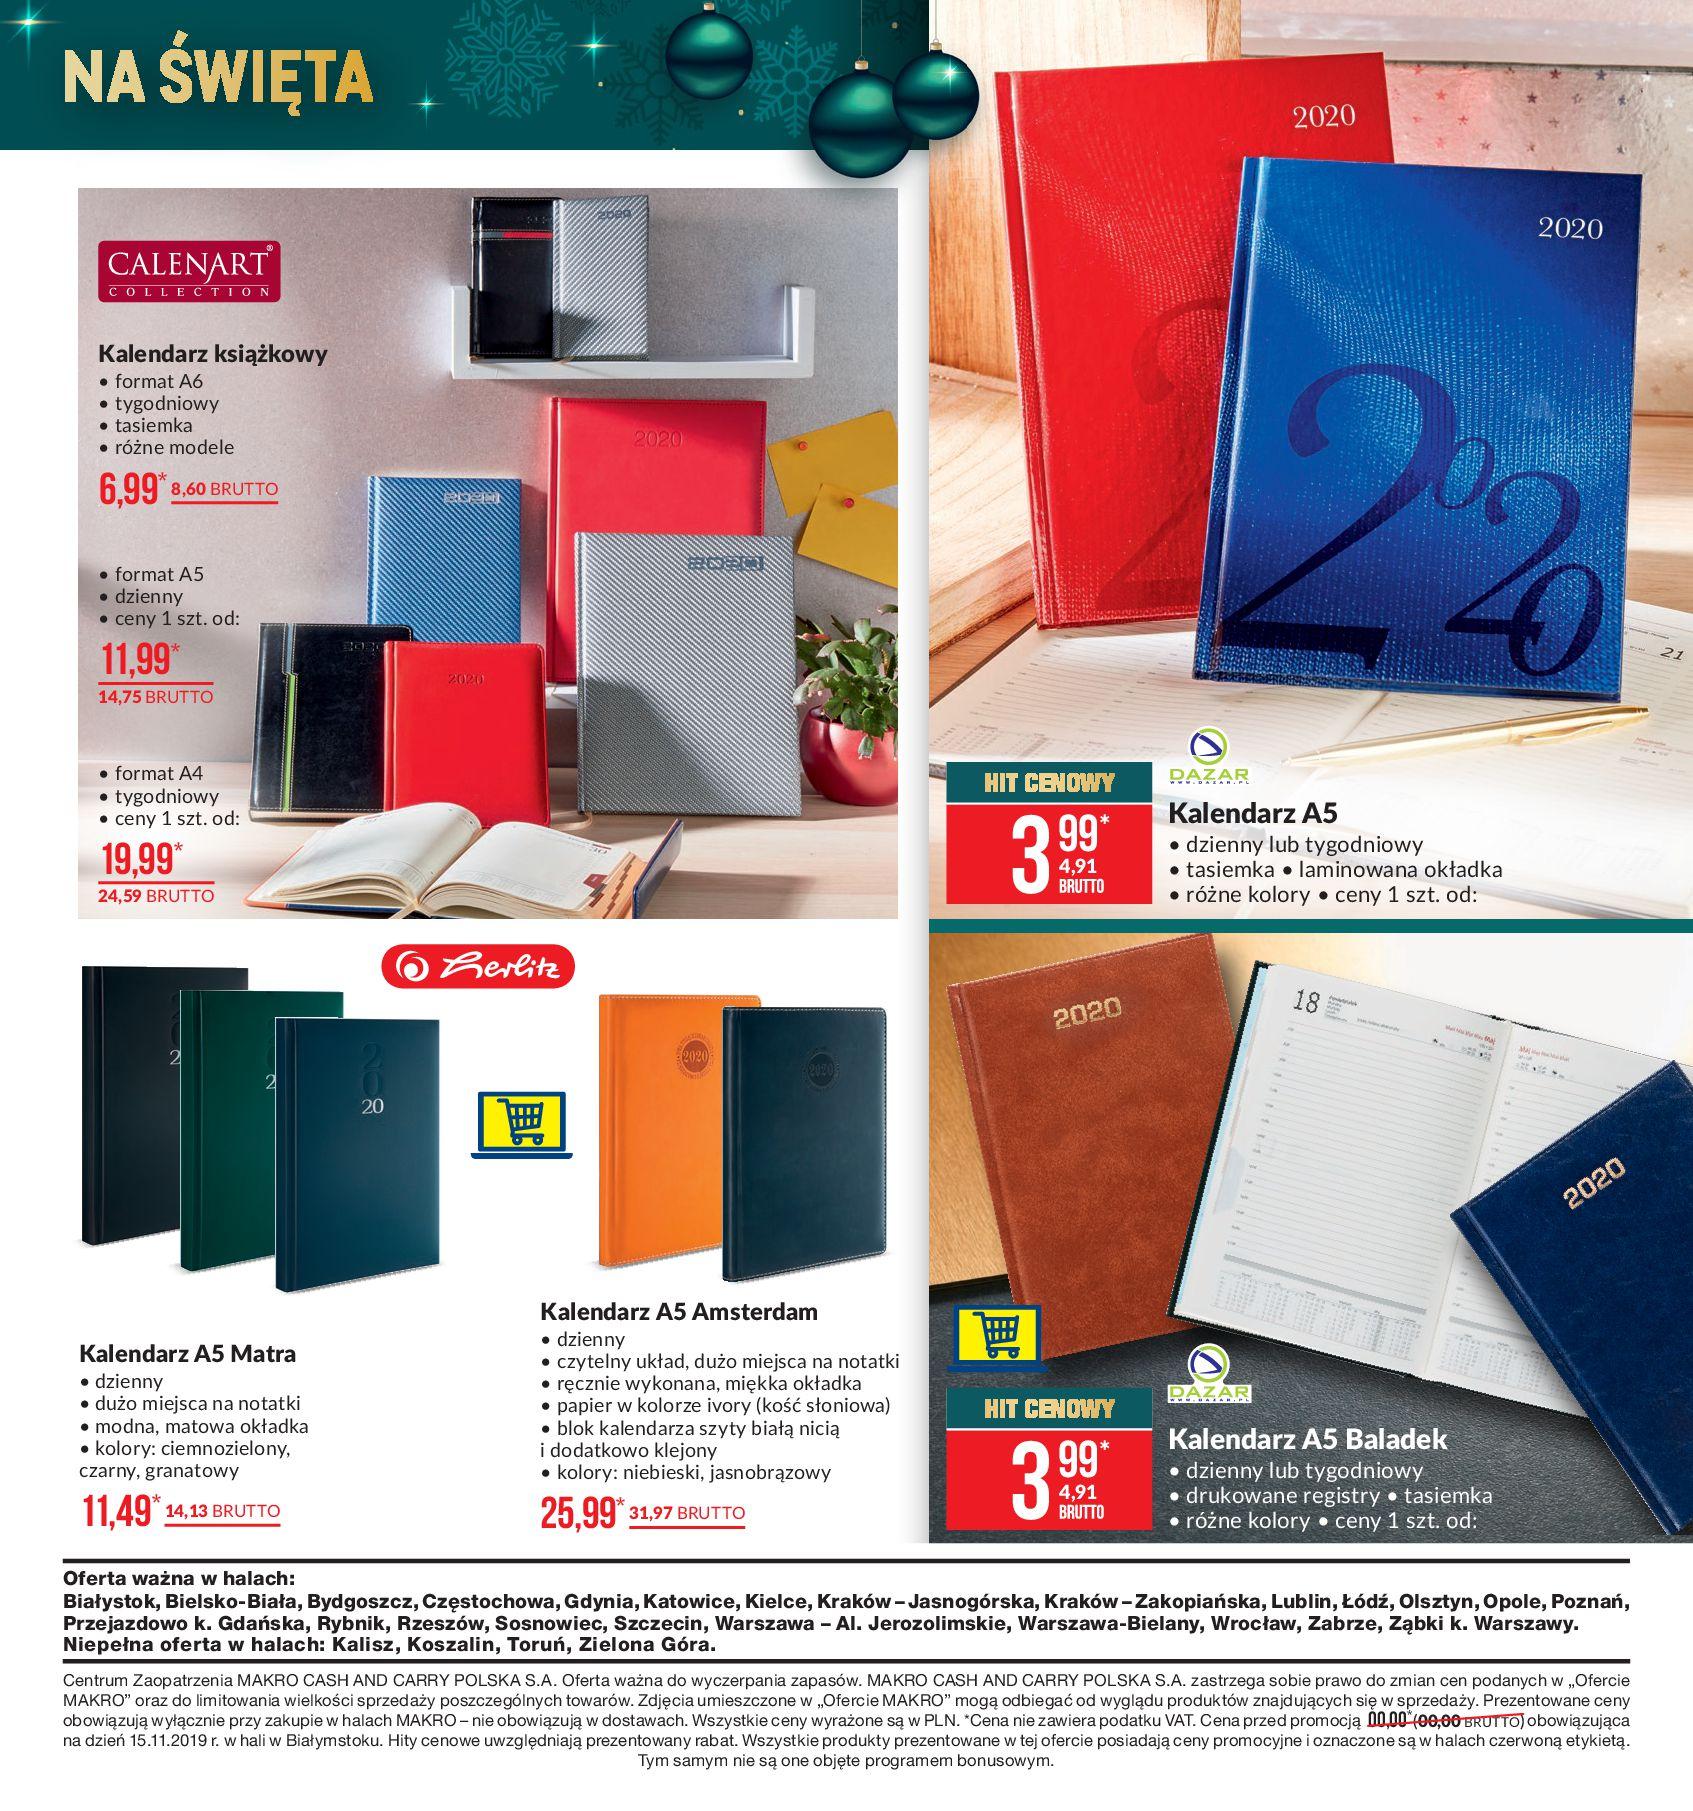 Gazetka Makro - Artykuły przemysłowe-02.12.2019-16.12.2019-page-23